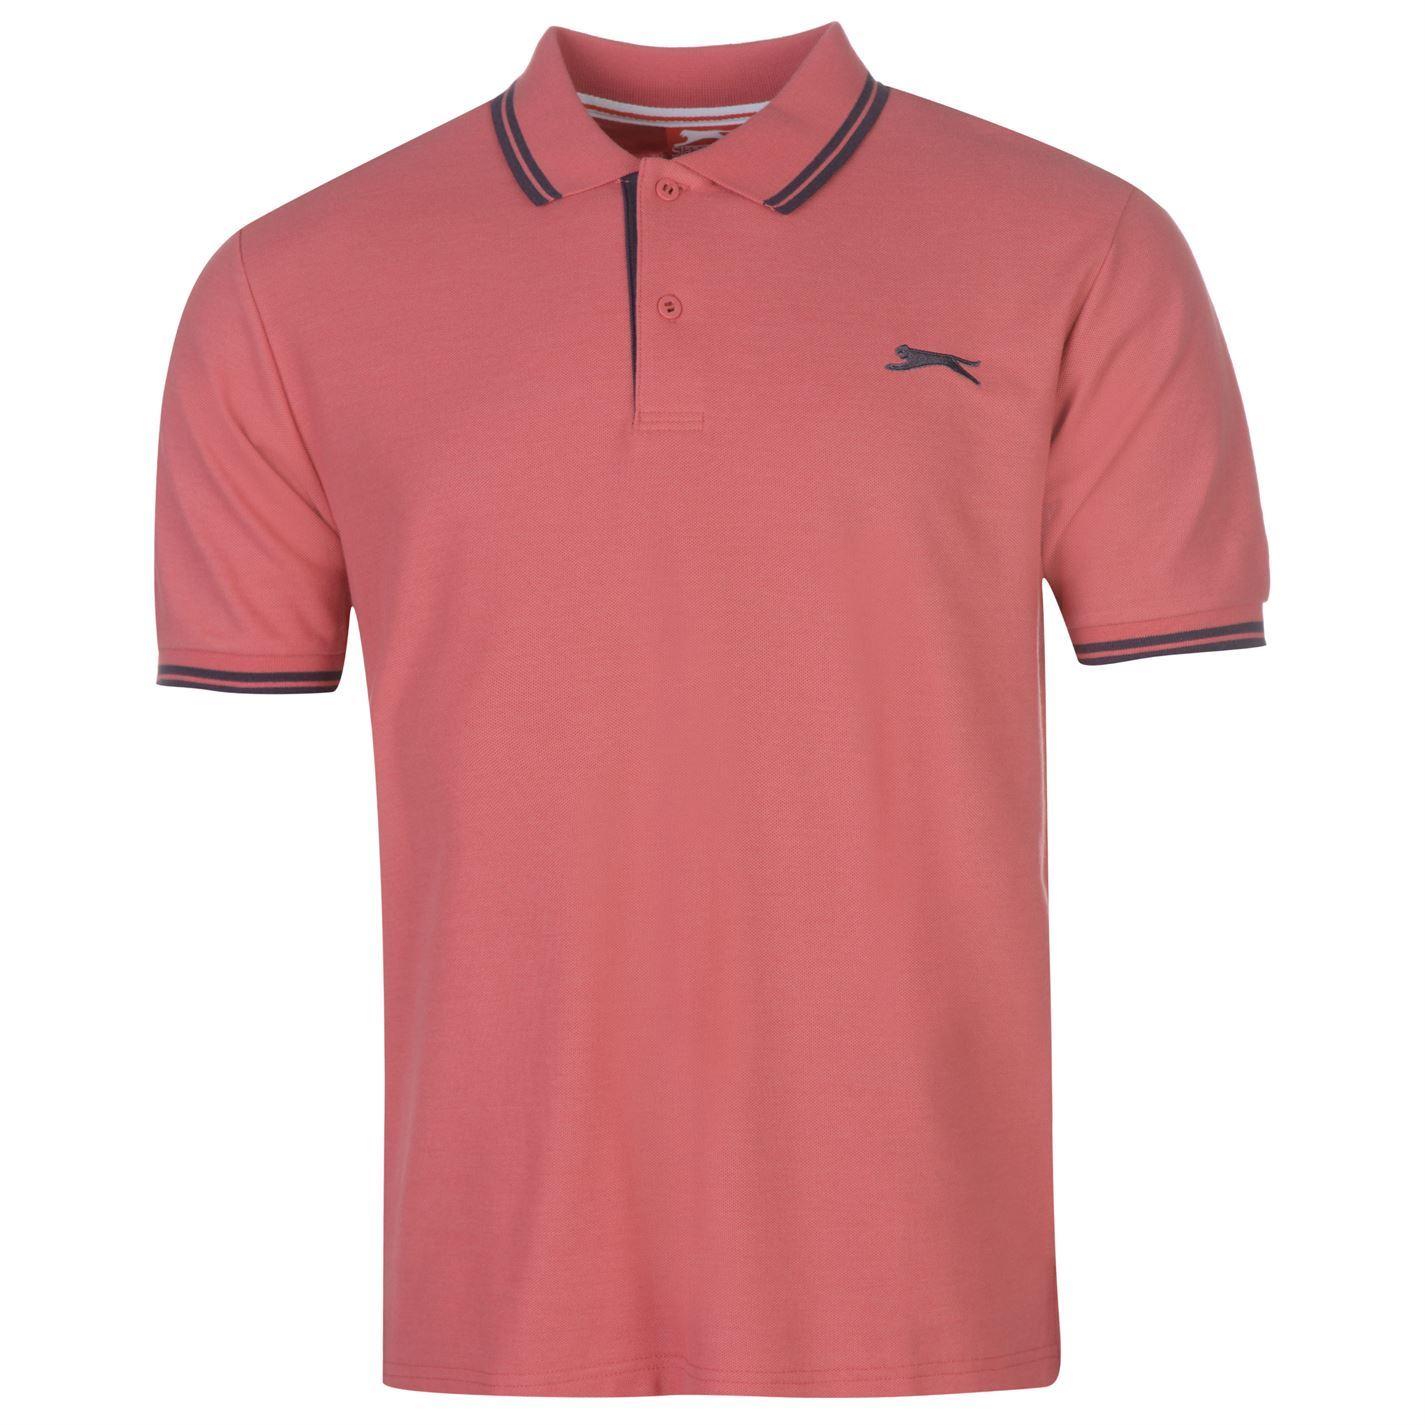 Slazenger-Polo-Camisa-de-hombre-con-cuello-con-Punta-T-Shirt-Top-Camiseta-Tee miniatura 102